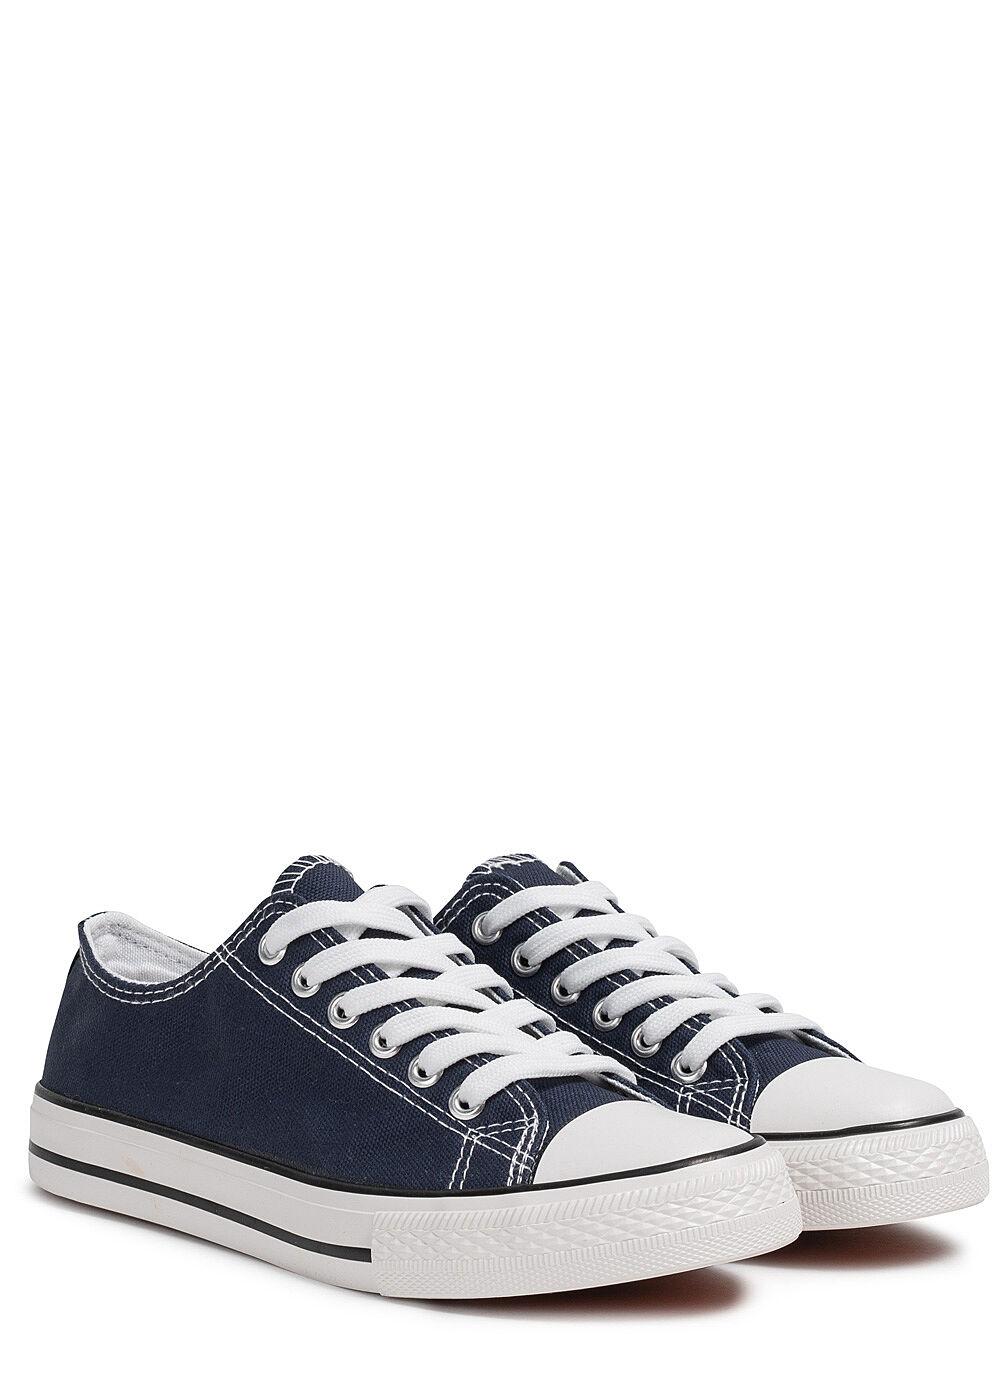 Seventyseven Lifestyle Damen Schuh Canvas Sneaker navy blau